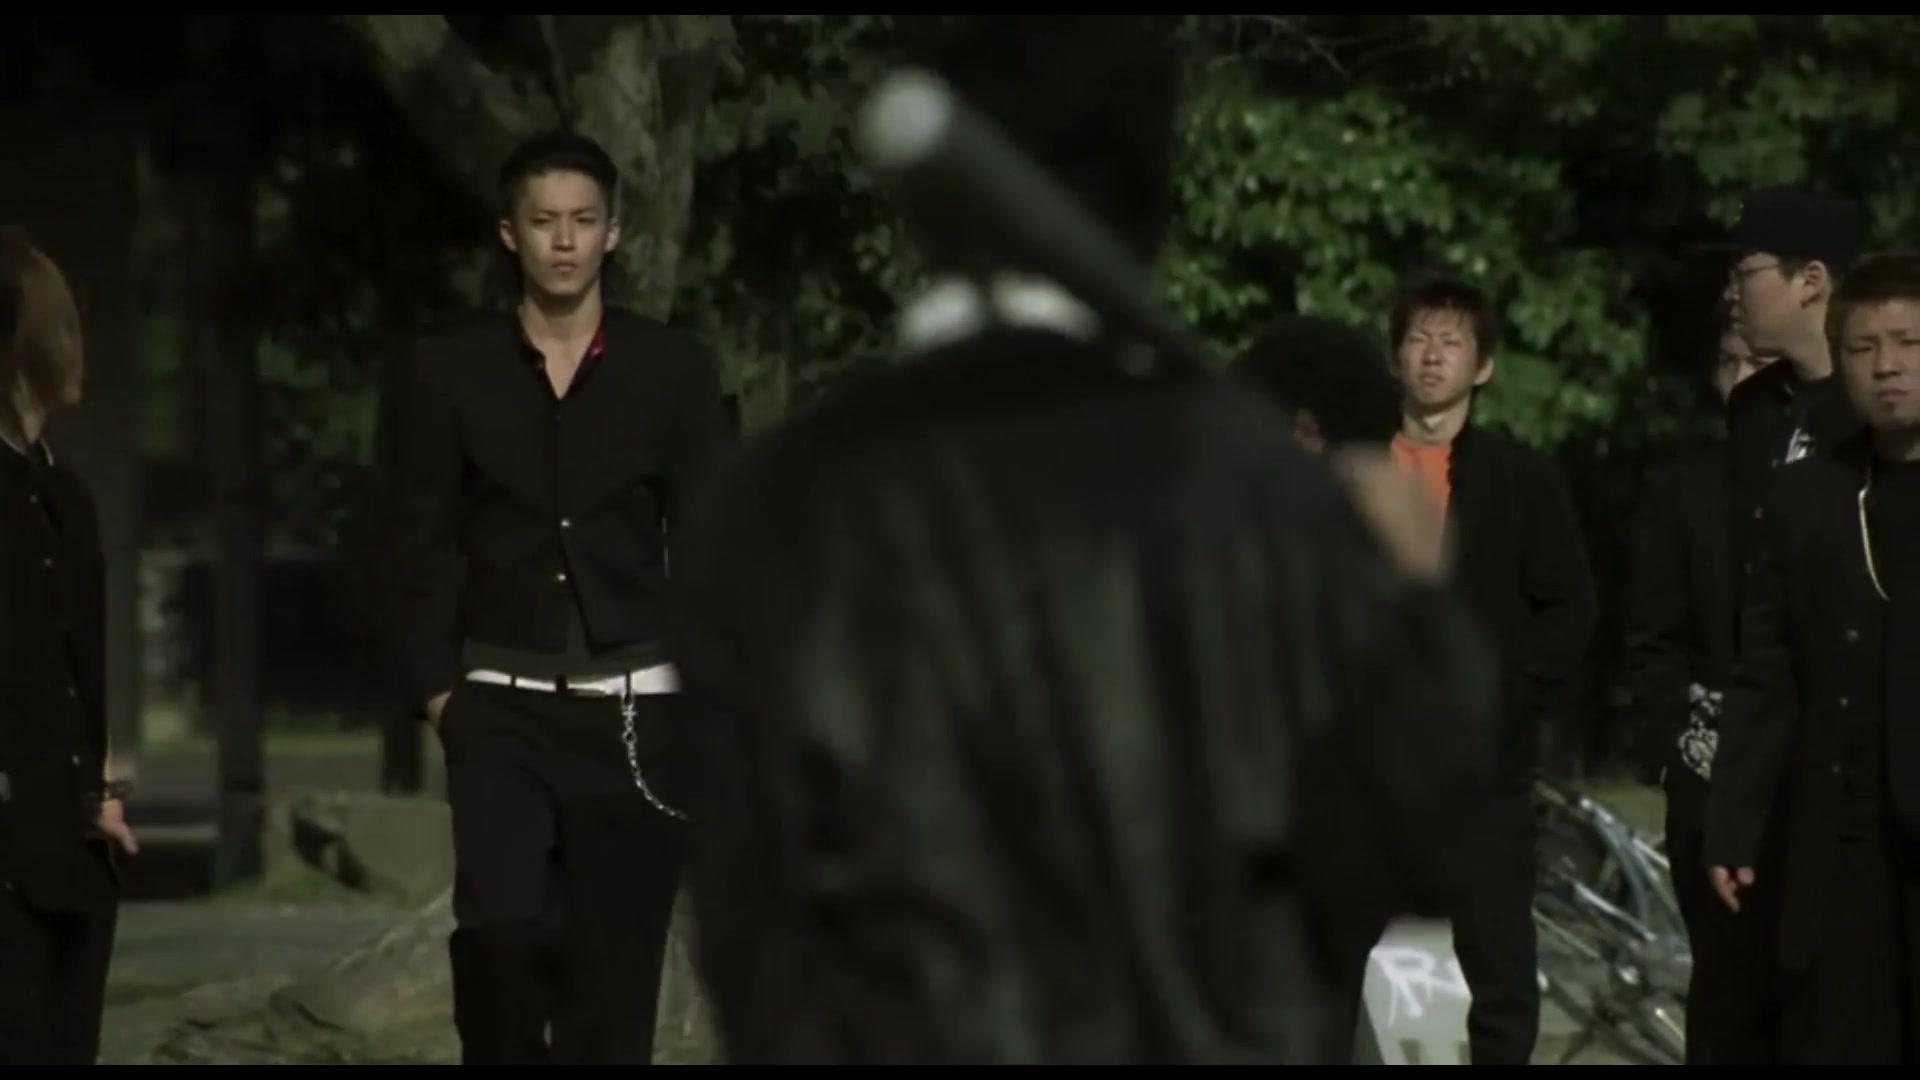 热血高校bg 图片合集